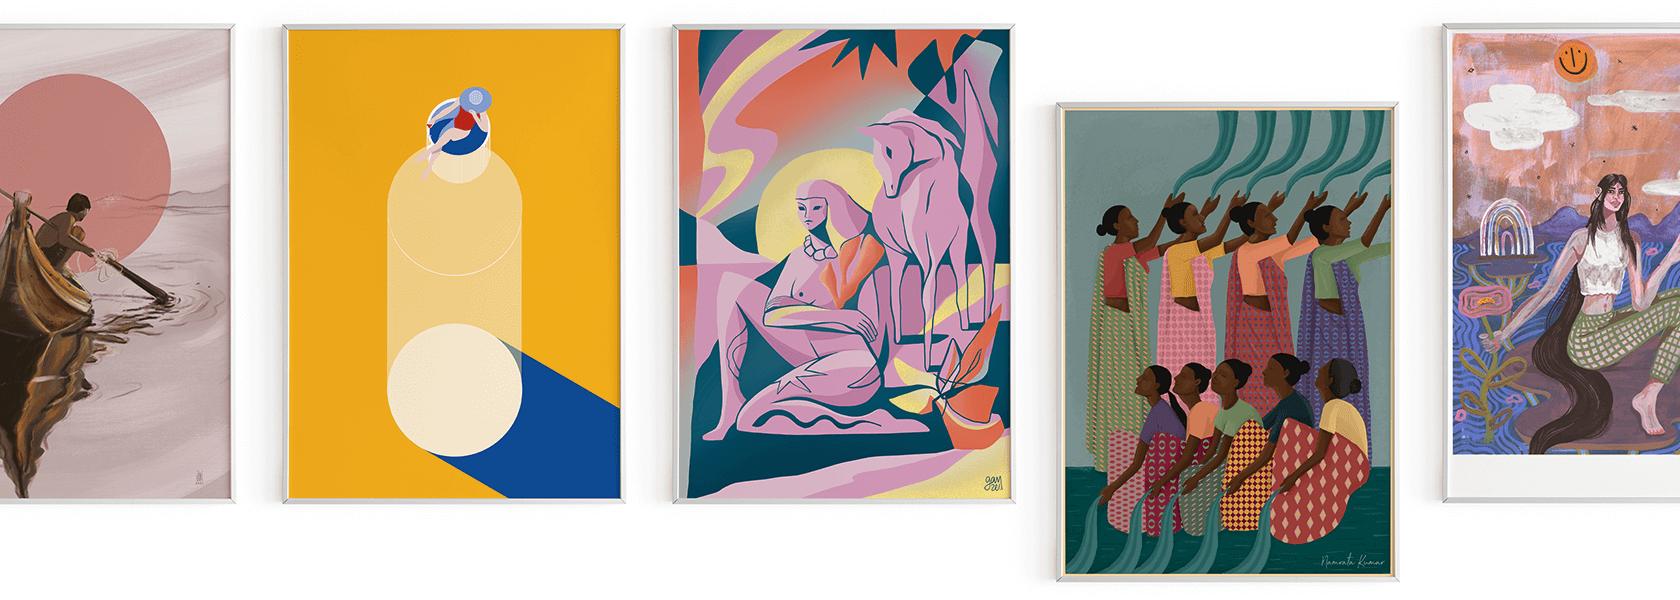 Fin Art Prints zum Album Release